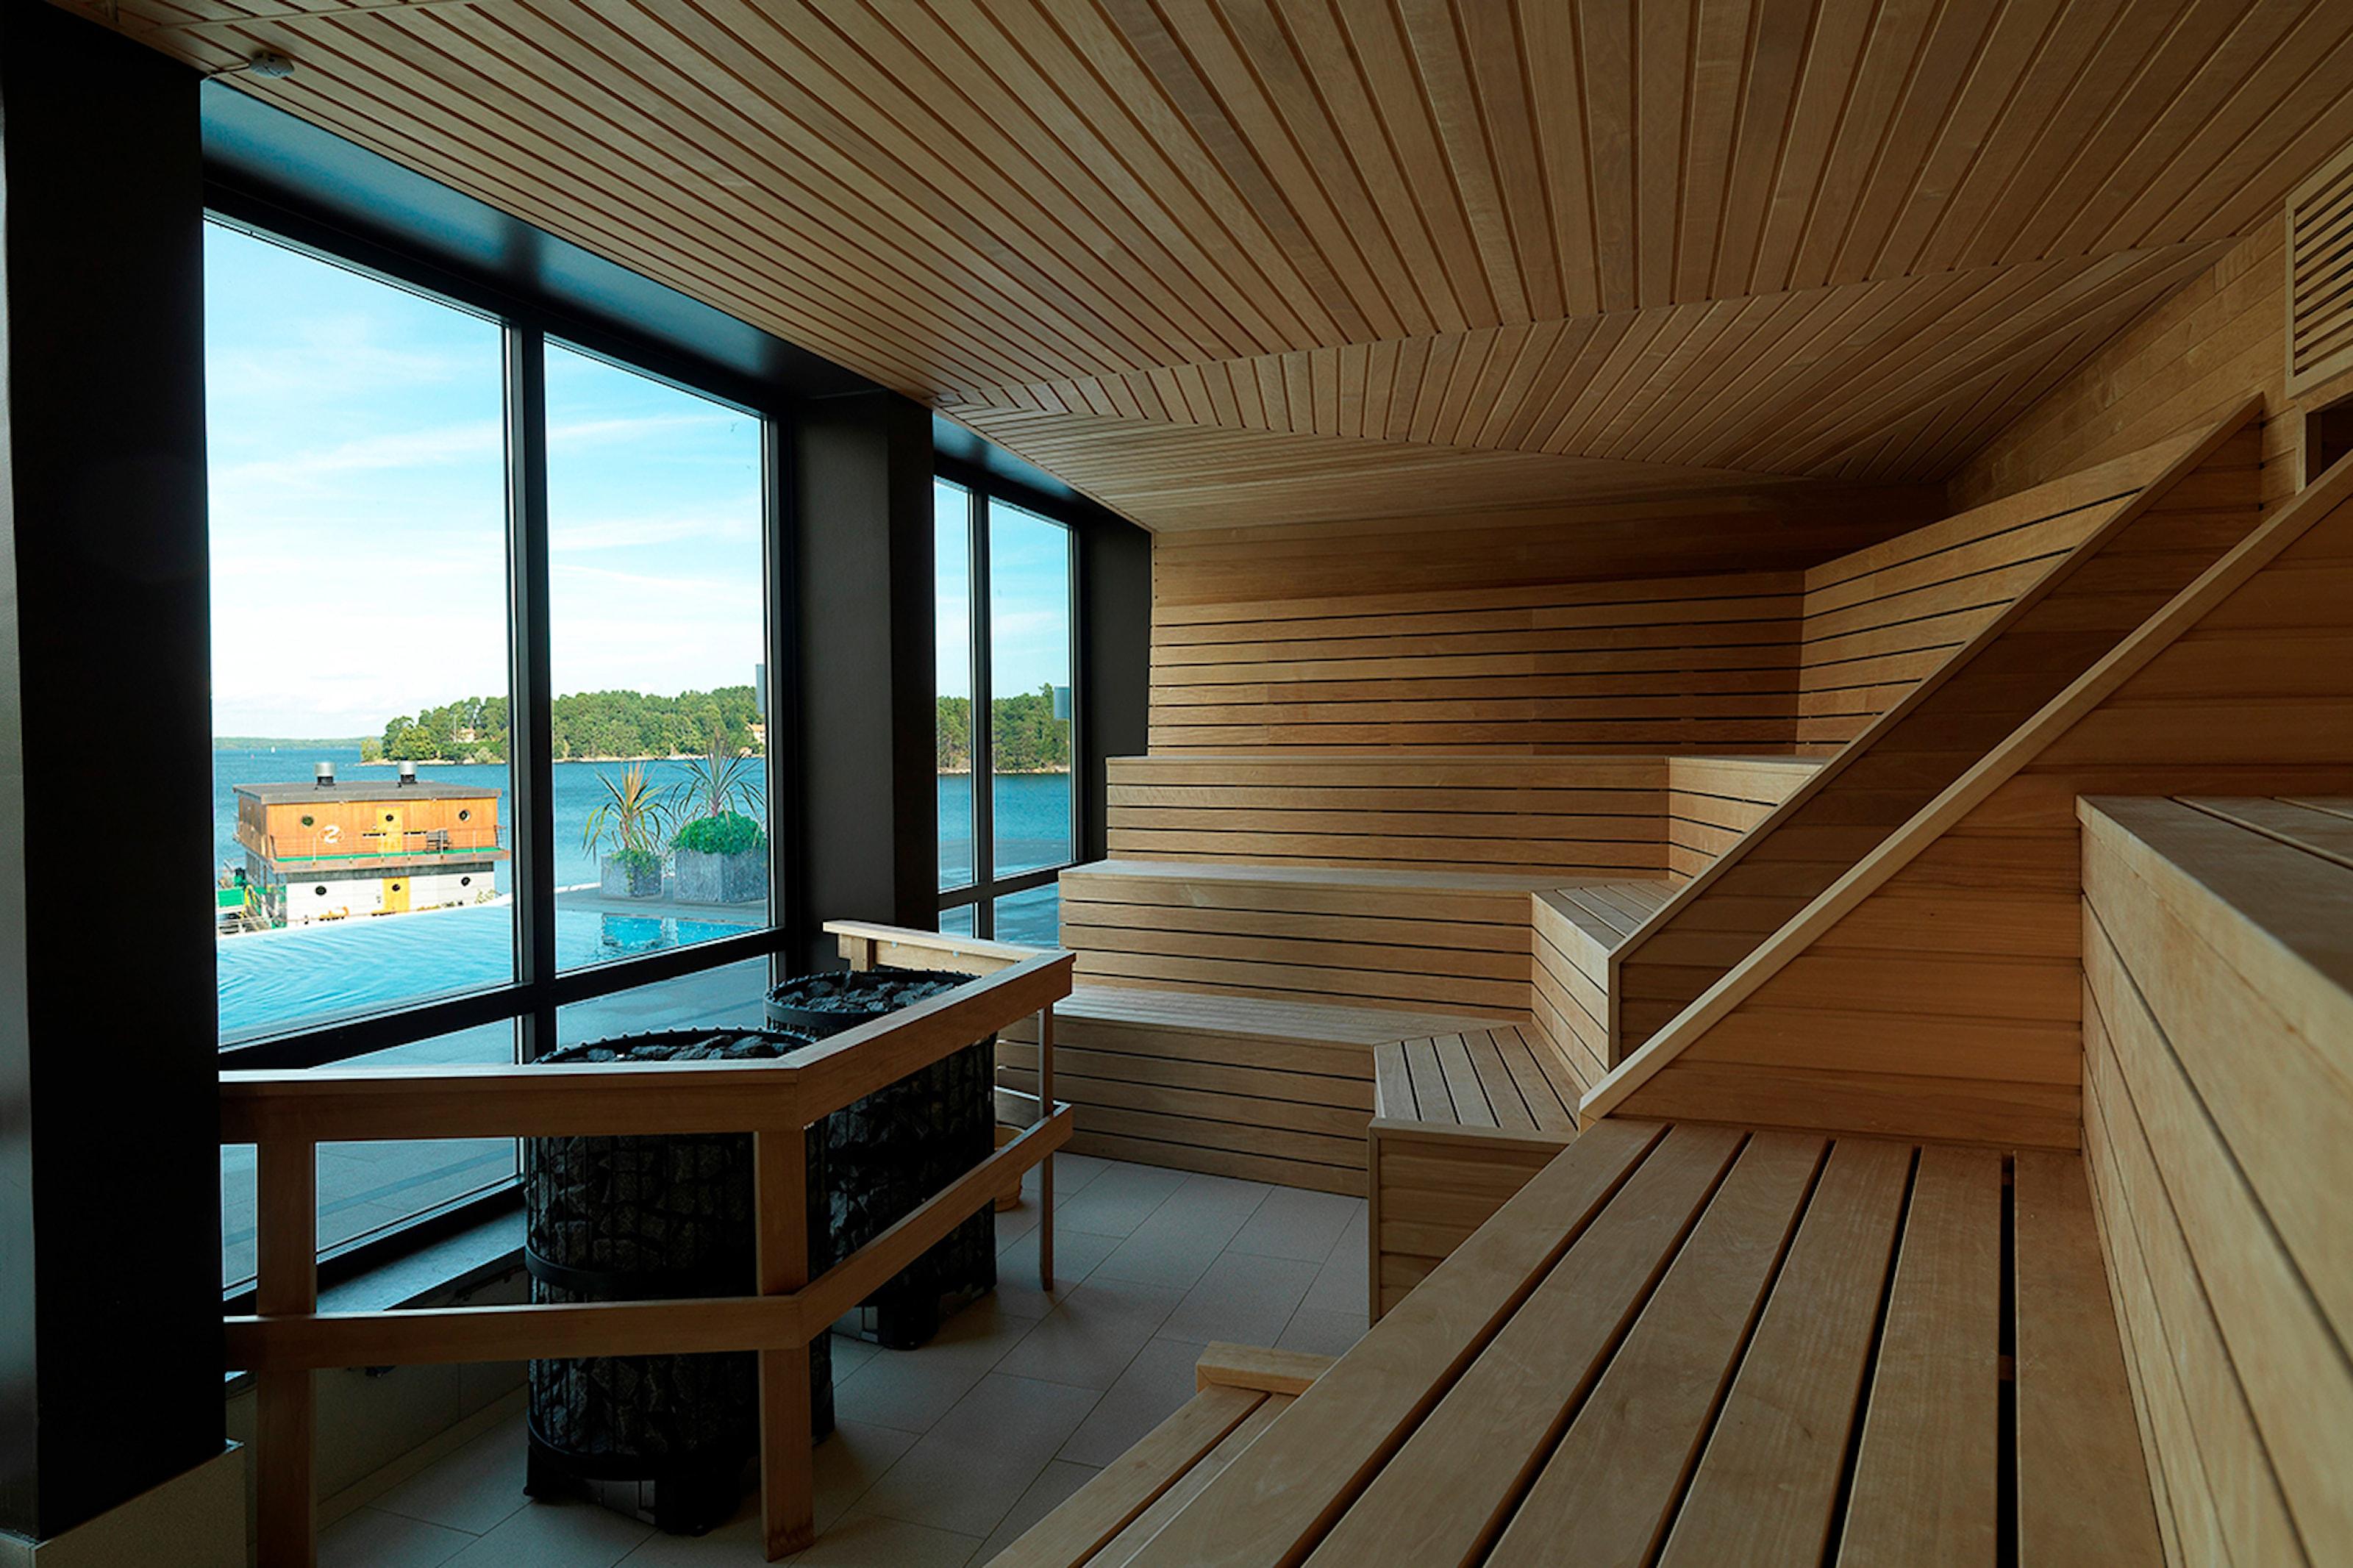 1 natt för 2 personer på Skepparholmen Nacka